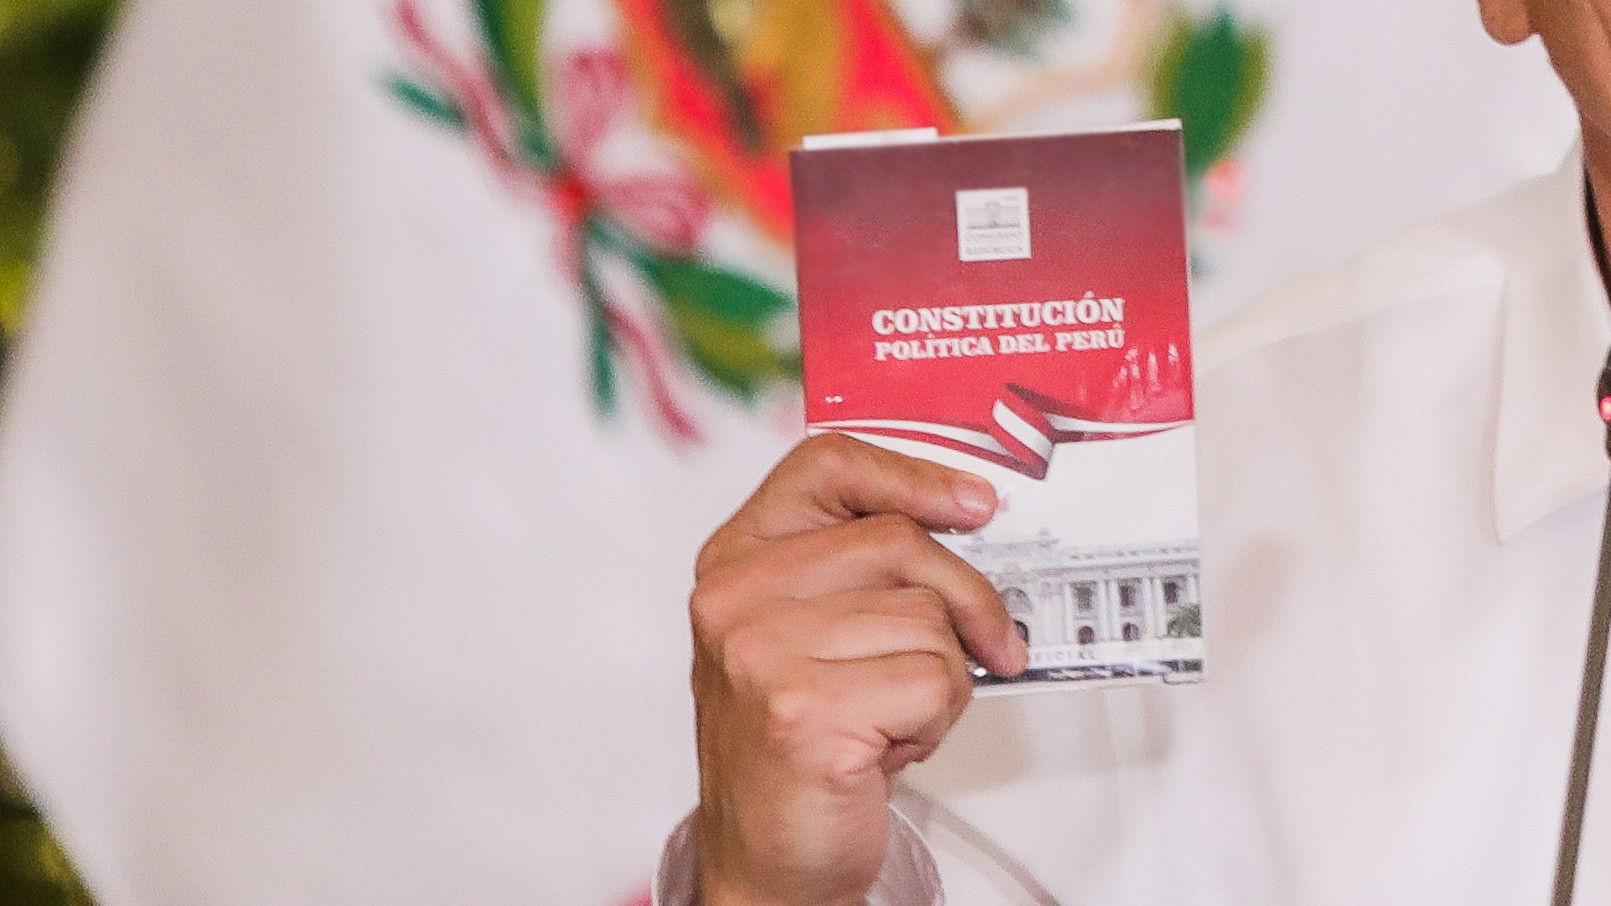 ¿Nueva Constitución en el 2021?: los caminos para concretar reformas constitucionales